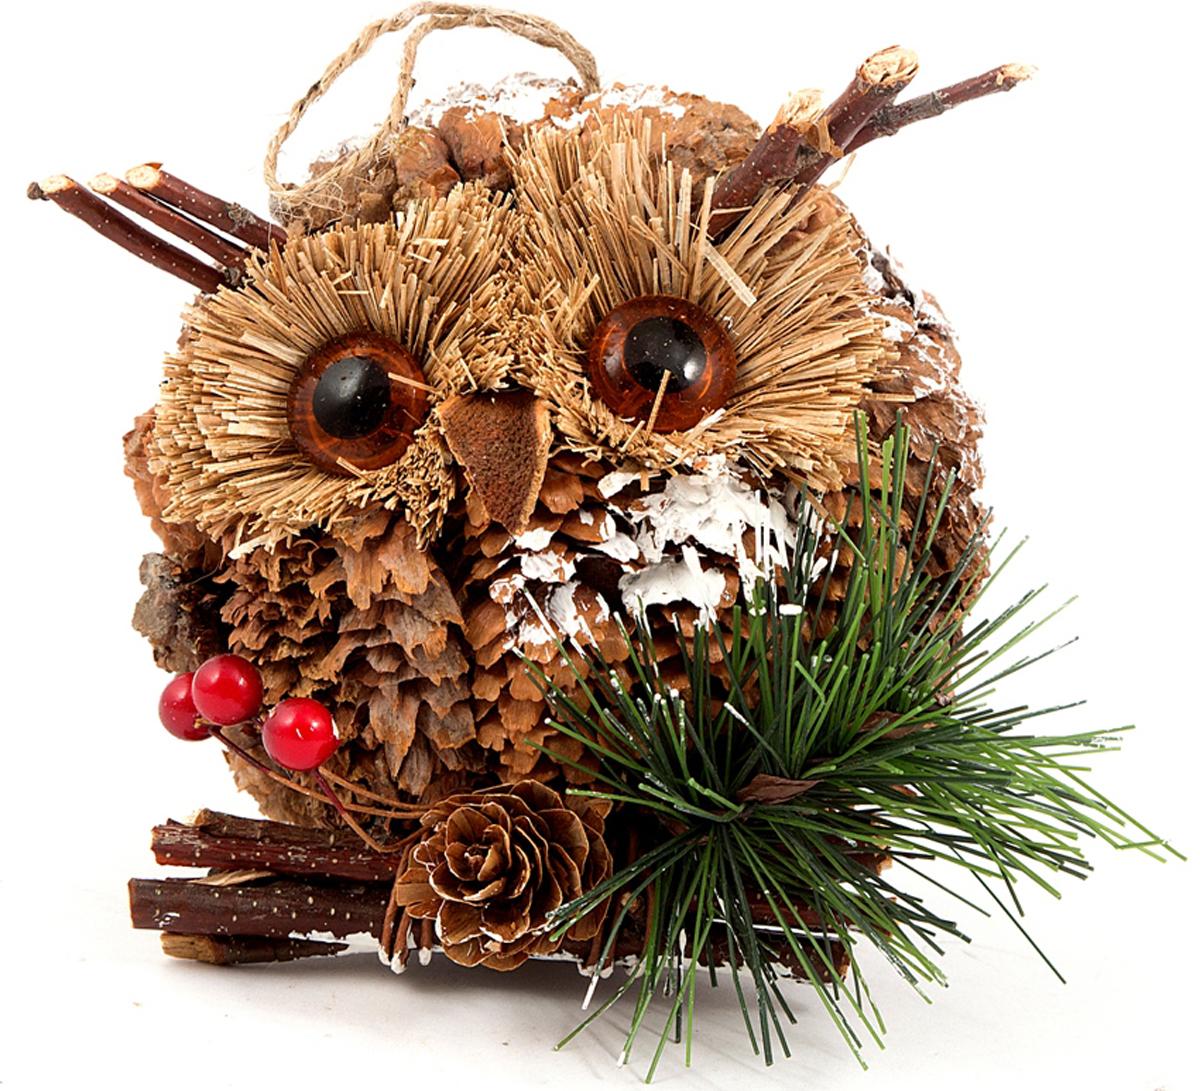 Игрушка ёлочная Совушка 11*9*10 см . 170671170671Елочная игрушка, символ приближающегося праздника. Она послужит прекрасным подарком как для ребенка , так и для взрослого, а так же дополнит новогодний интерьер.